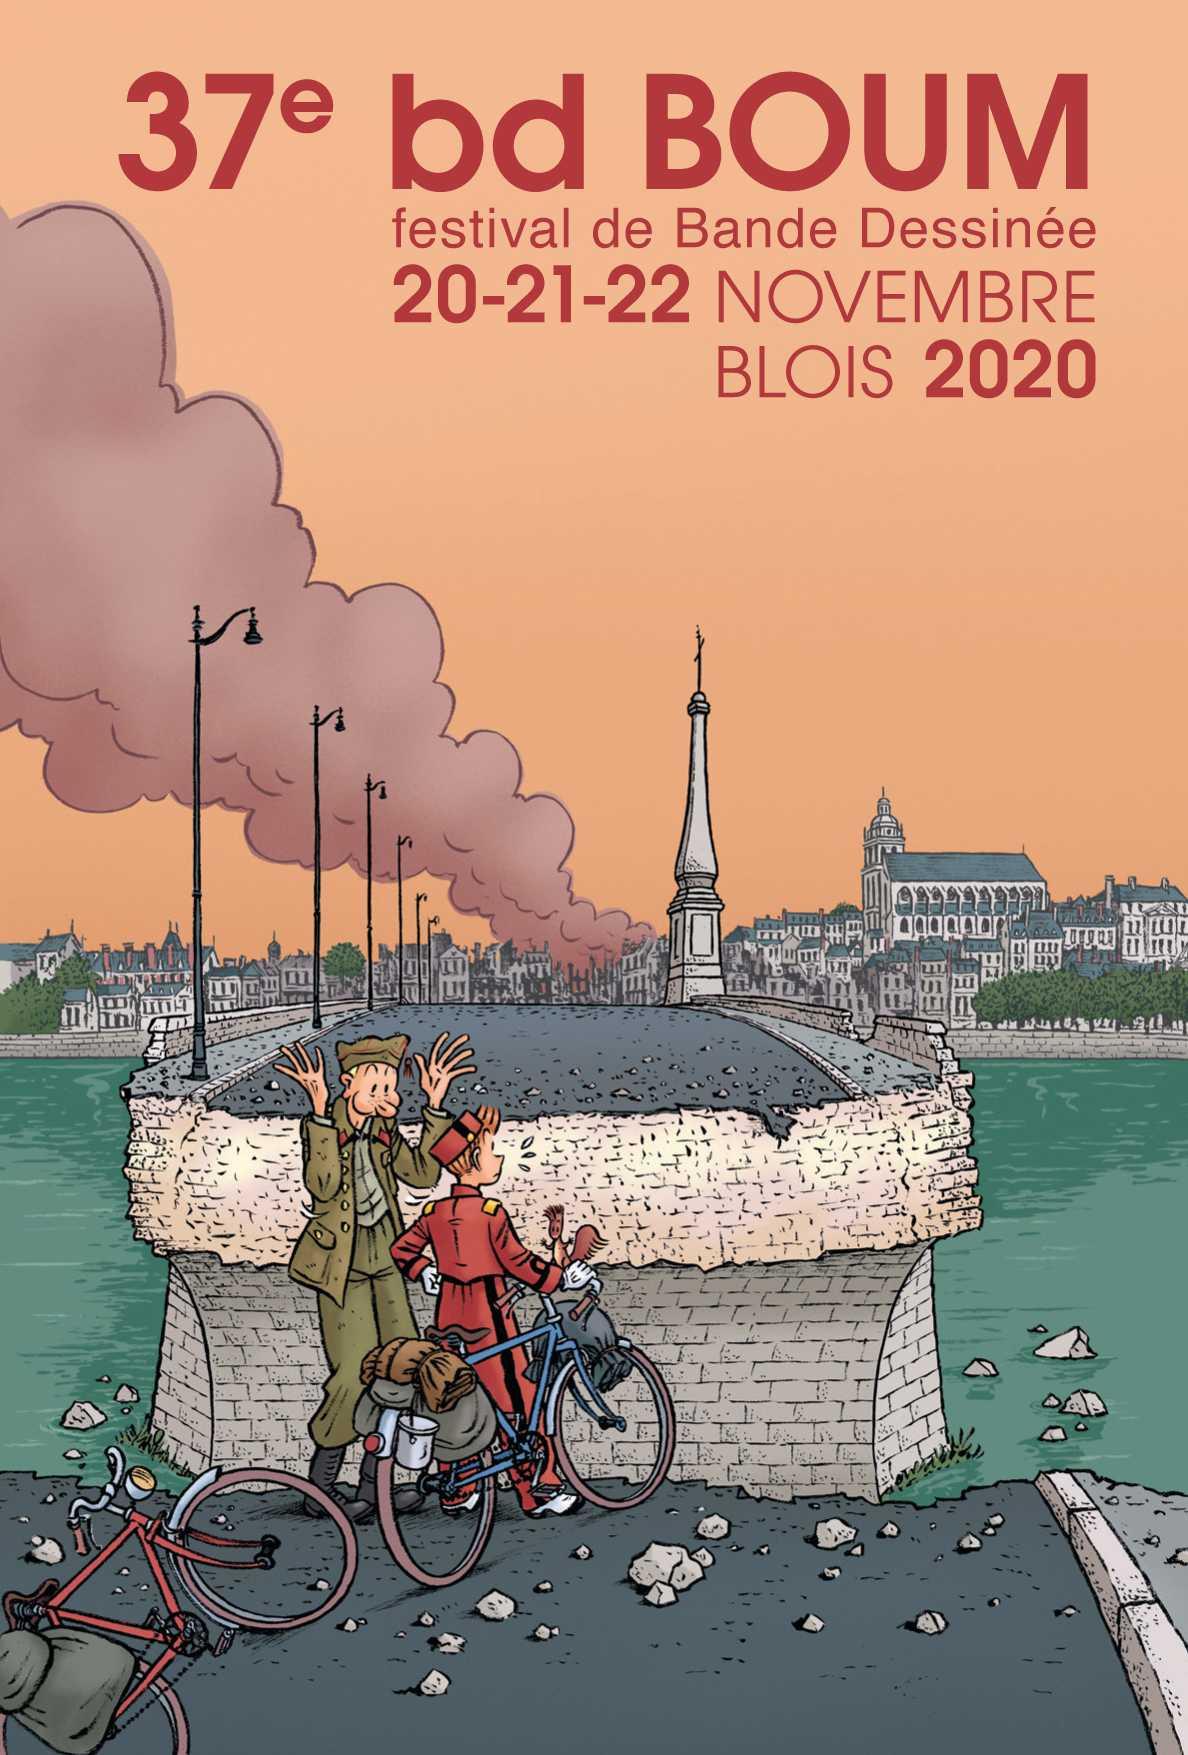 bd BOUM 2020 à Blois, Émile Bravo signe une affiche historique